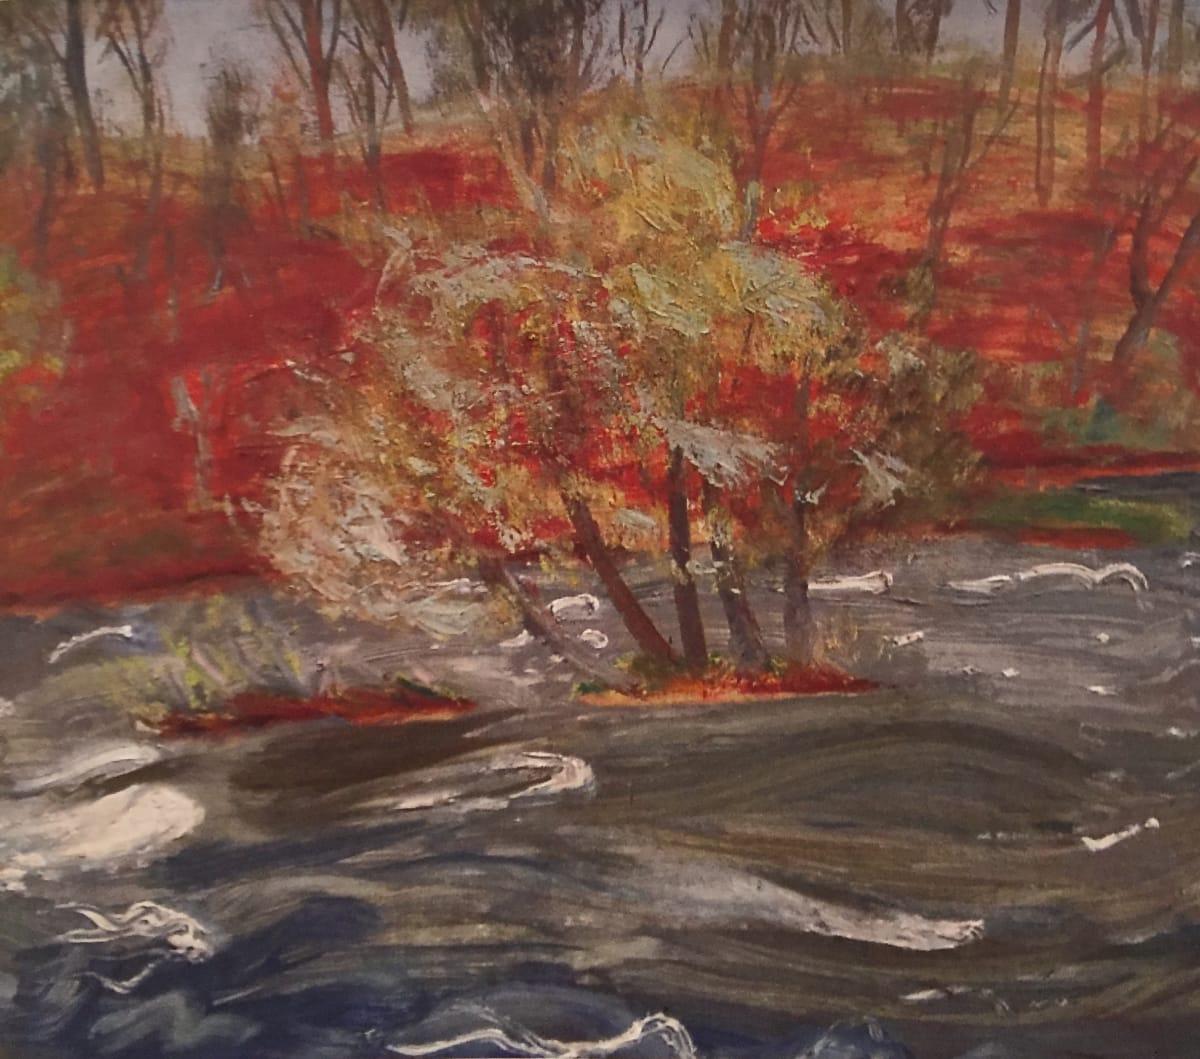 Winifred NICHOLSON (1893 – 1981) The River Eden, 1959 Oil on board 22 ½ x 3/8 inches / 57 x 67 cm